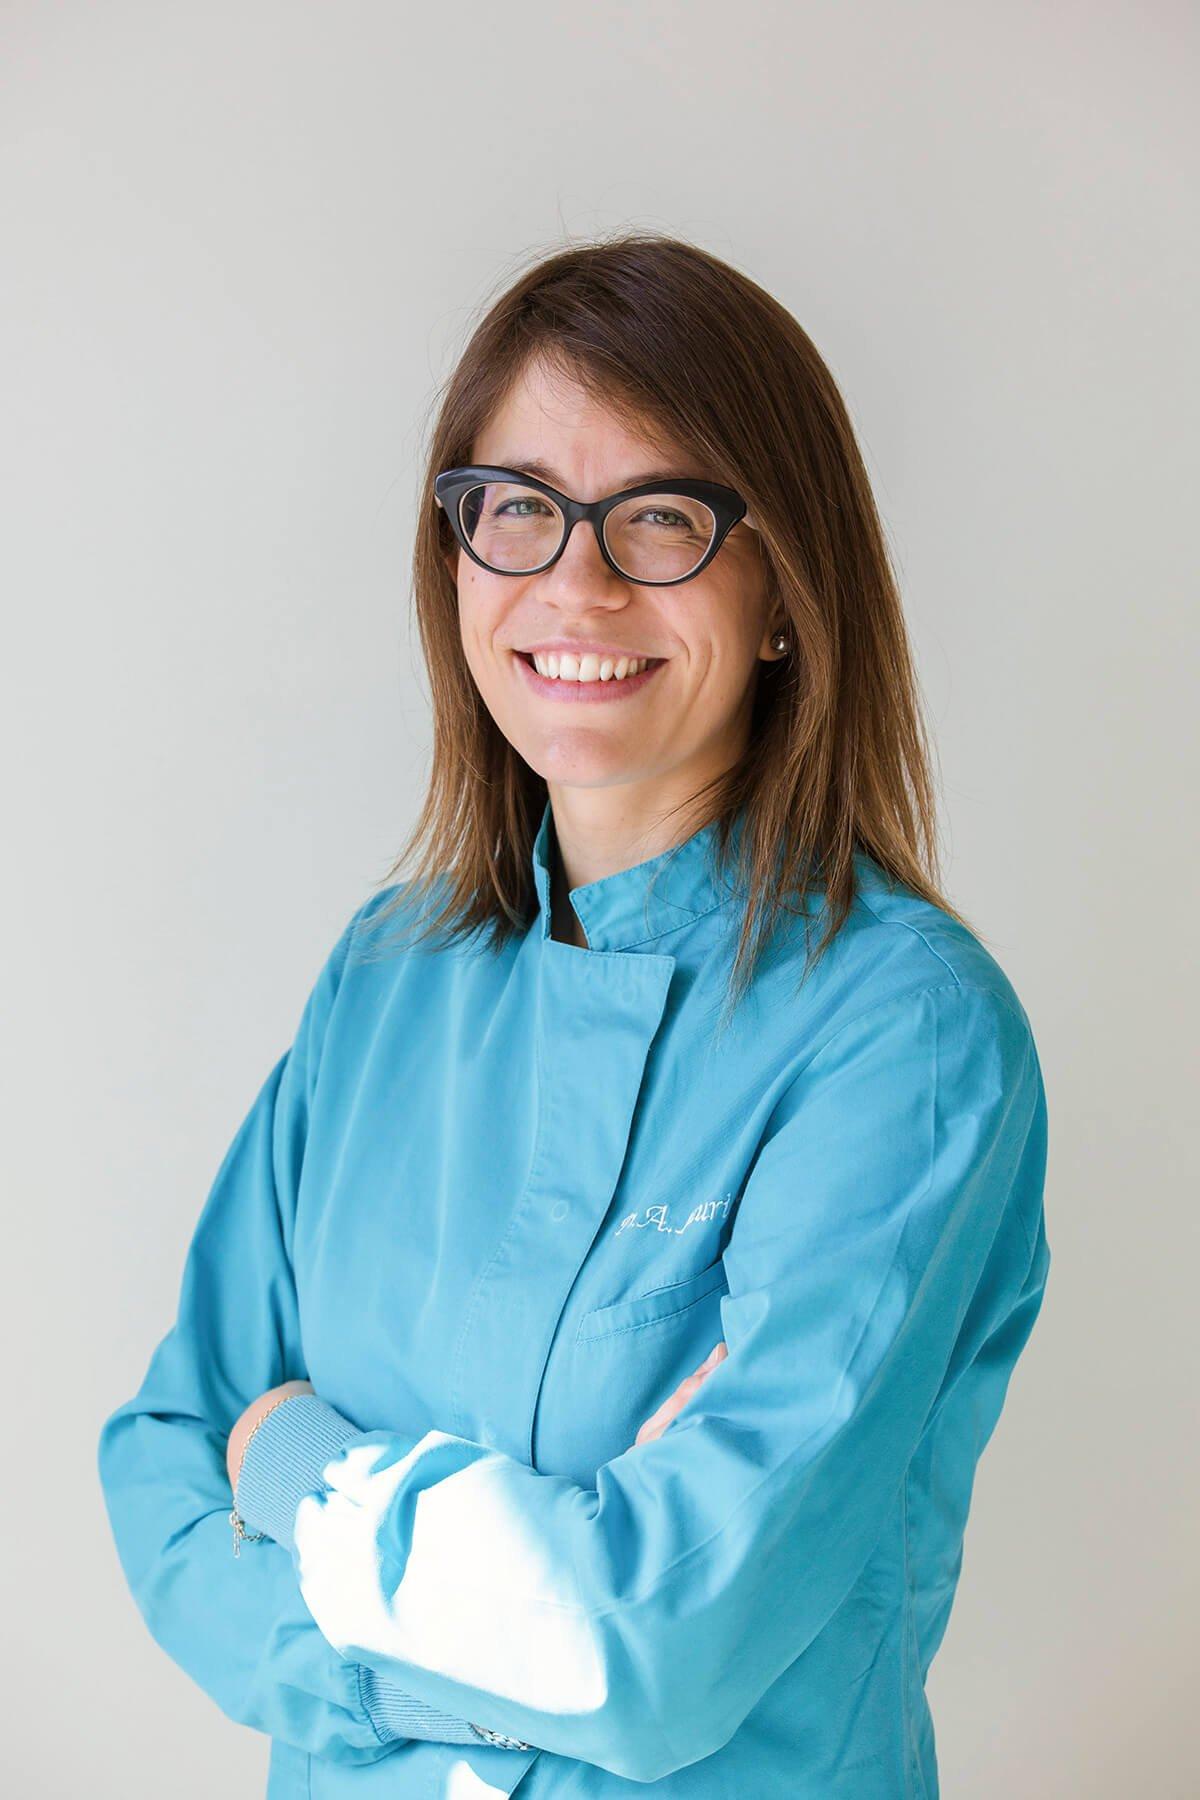 Alessia Lauriola - Dentista a Reggio Emilia